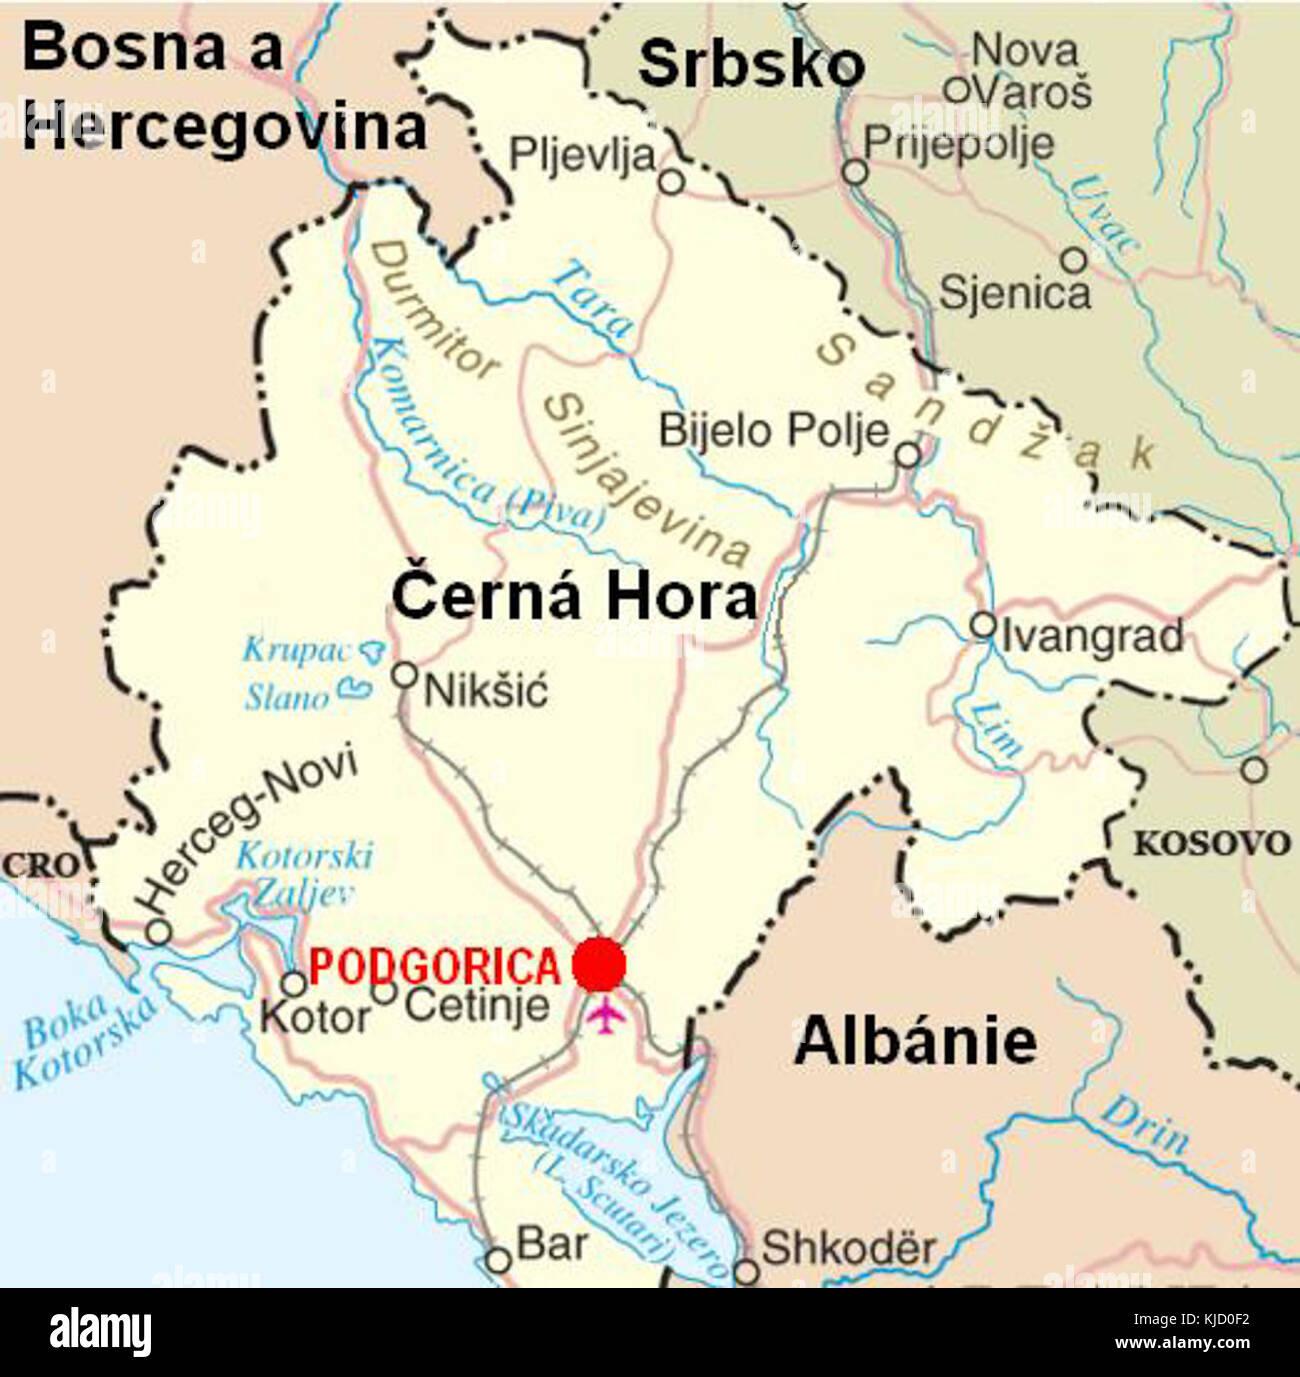 prijepolje mapa CG mapa PG Stock Photo: 166242918   Alamy prijepolje mapa